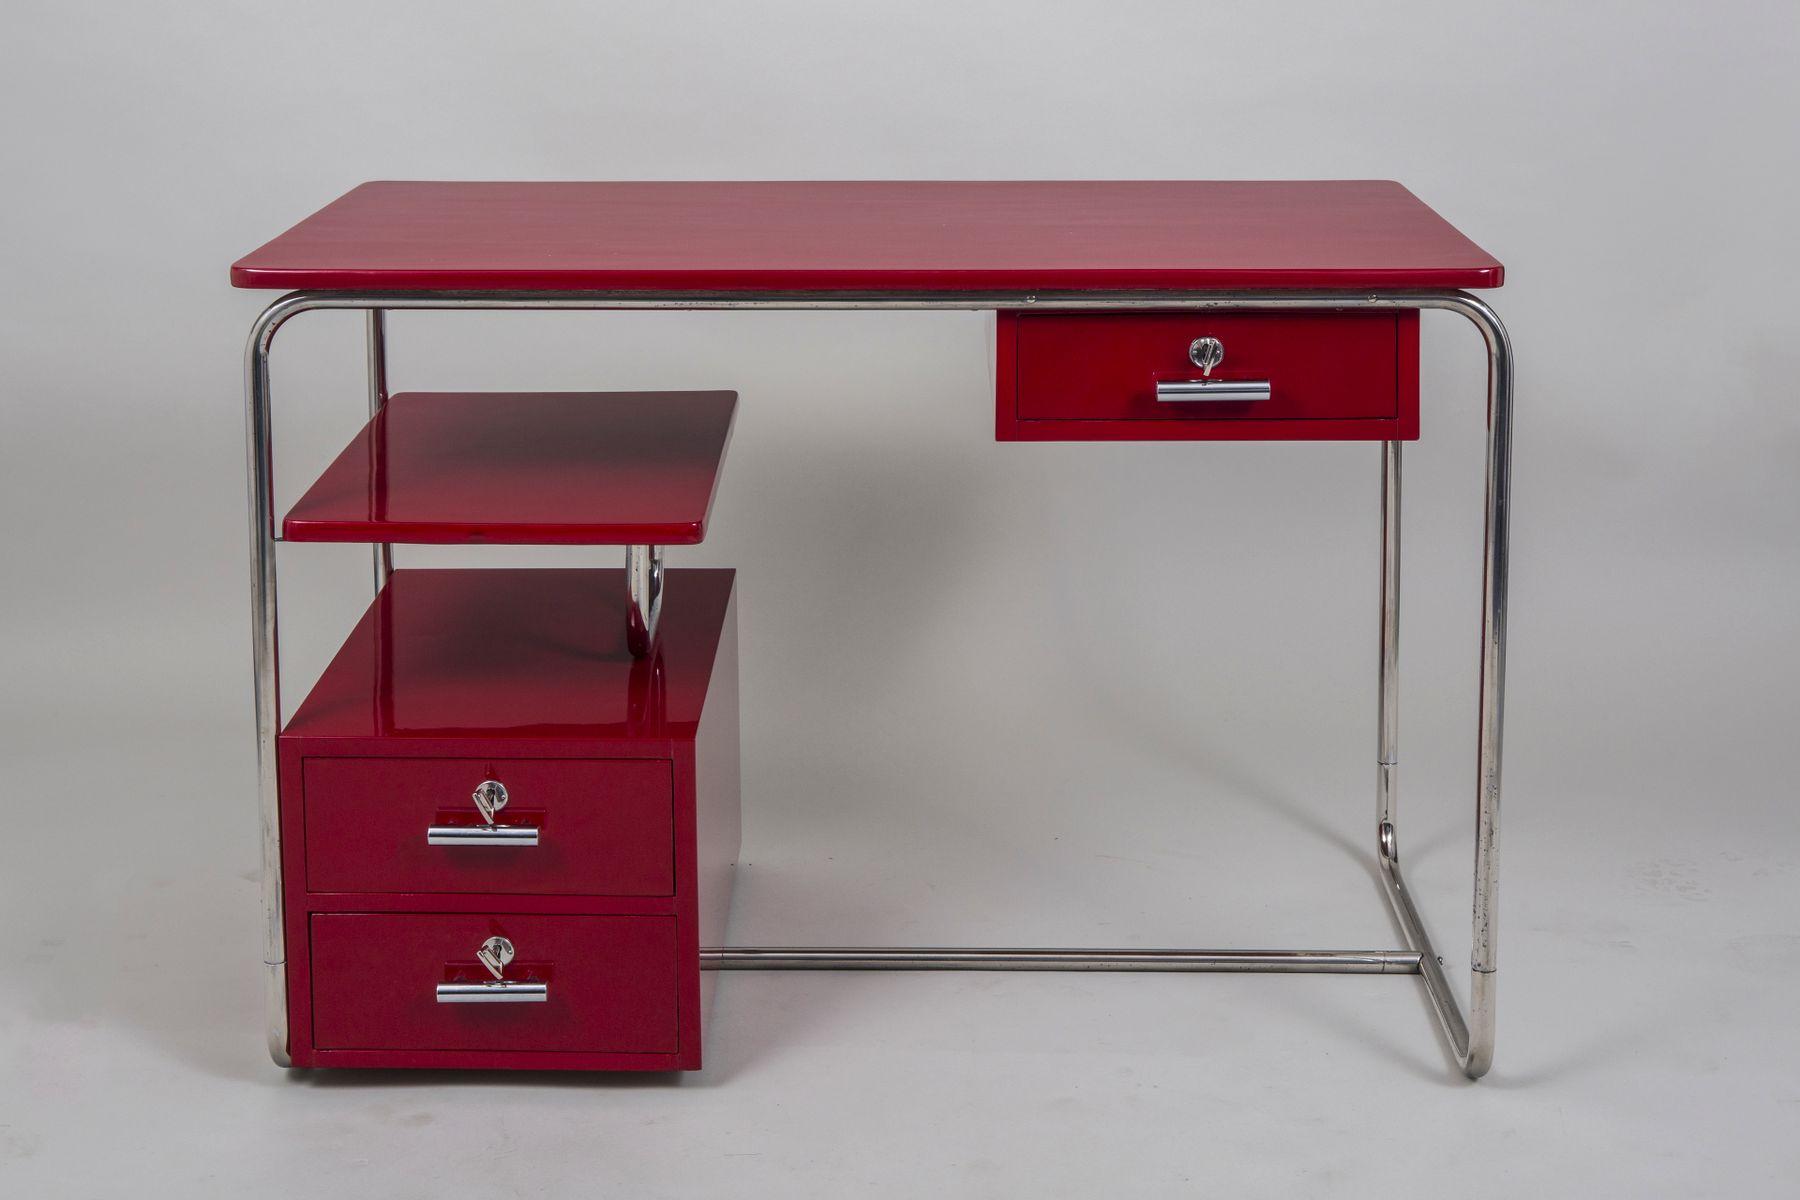 Scrivania Ufficio Rossa : Scrivania ufficio mobili e accessori per l ufficio in veneto